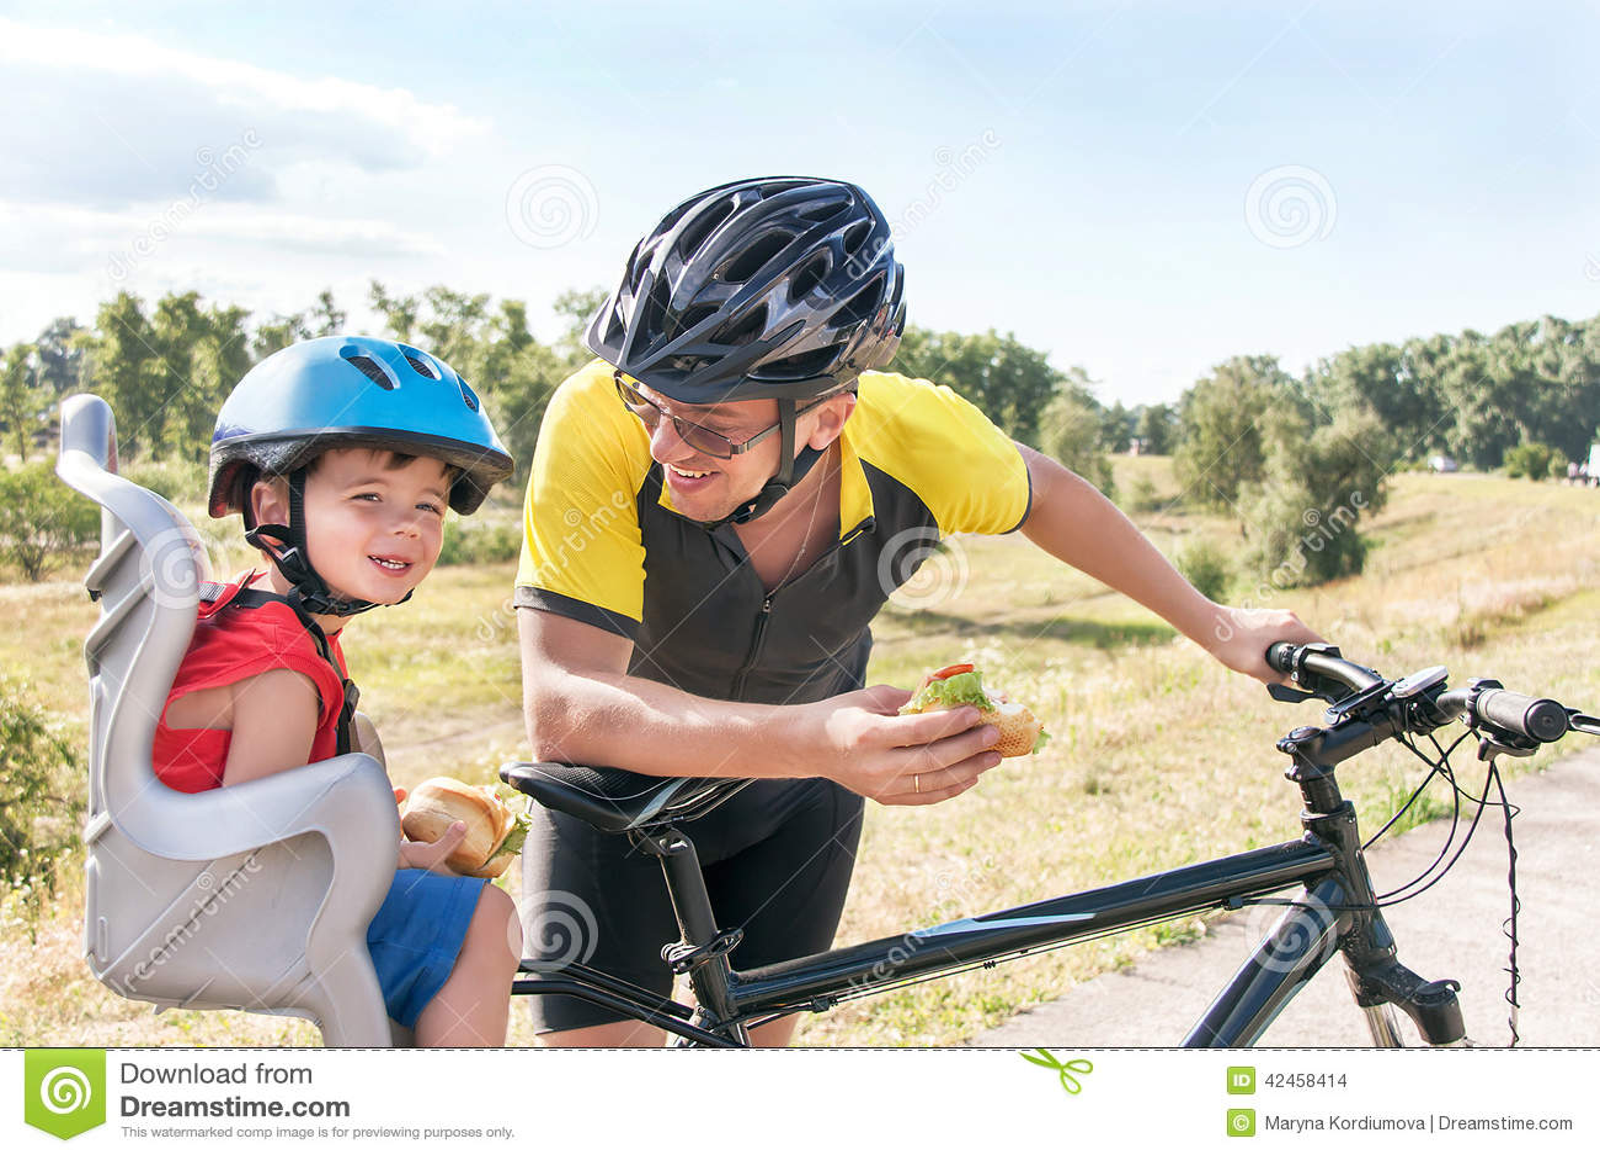 Glücklicher Vater und Sohn isst das Mittagessen (Snack) während der Fahrradfahrt